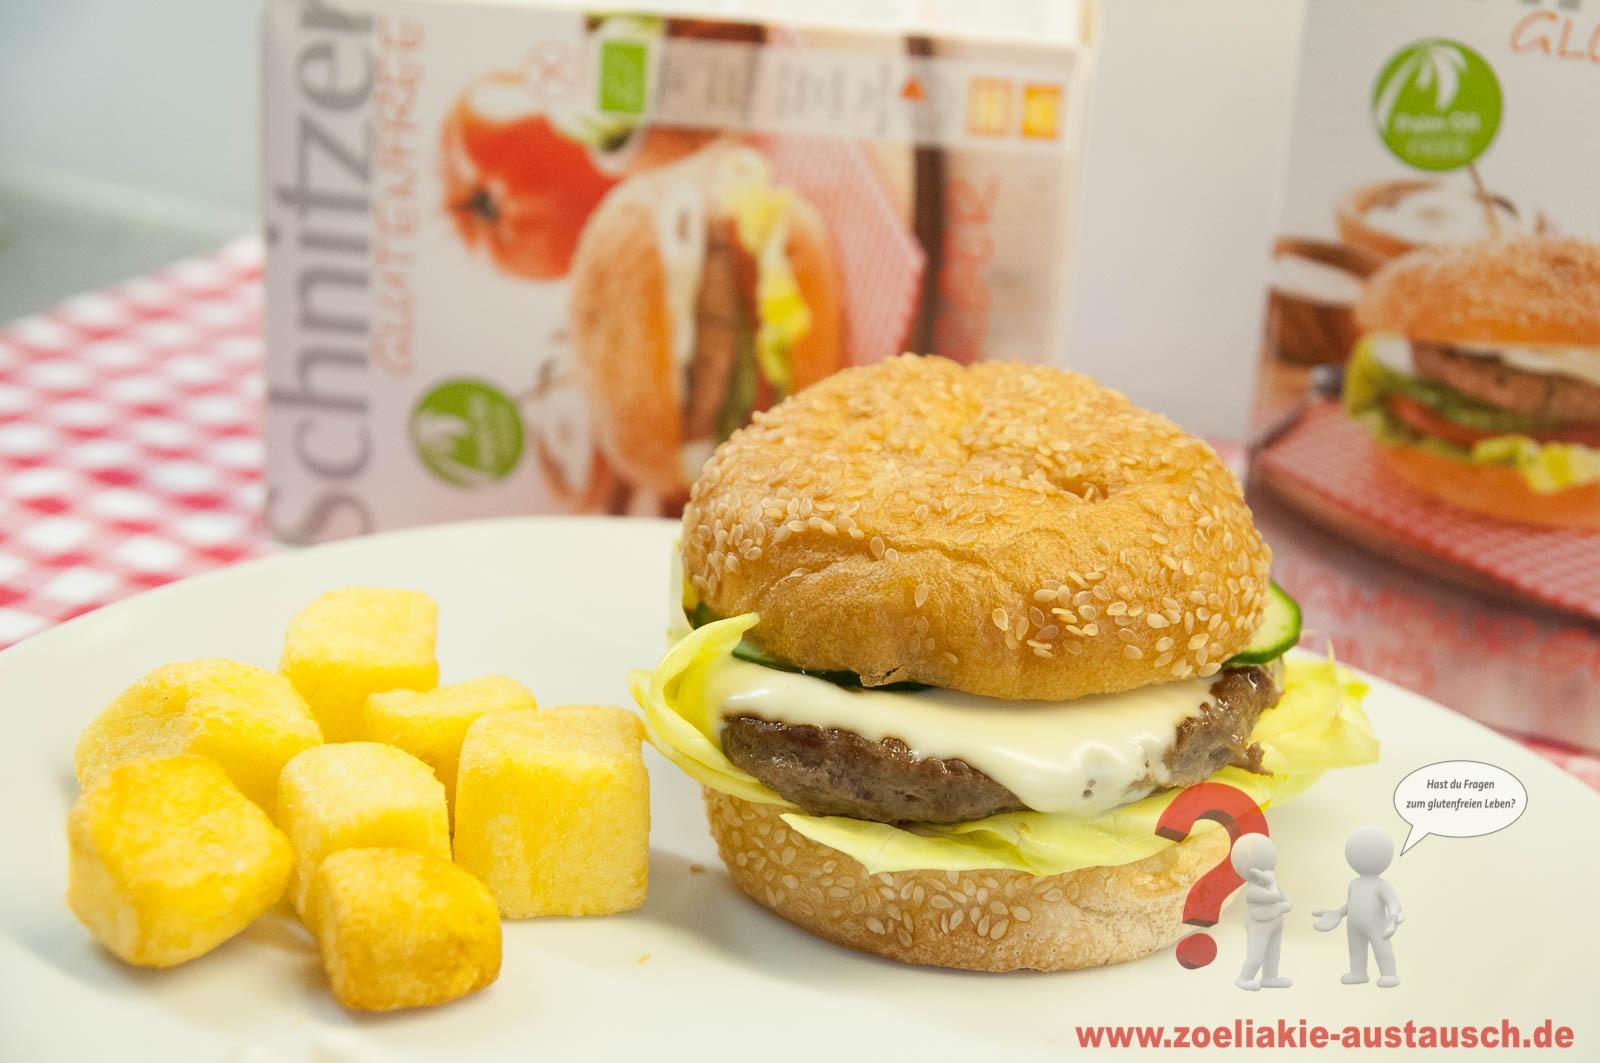 Zoeliakie-Austausch_Schnitzer_Burger_Broetchen_17